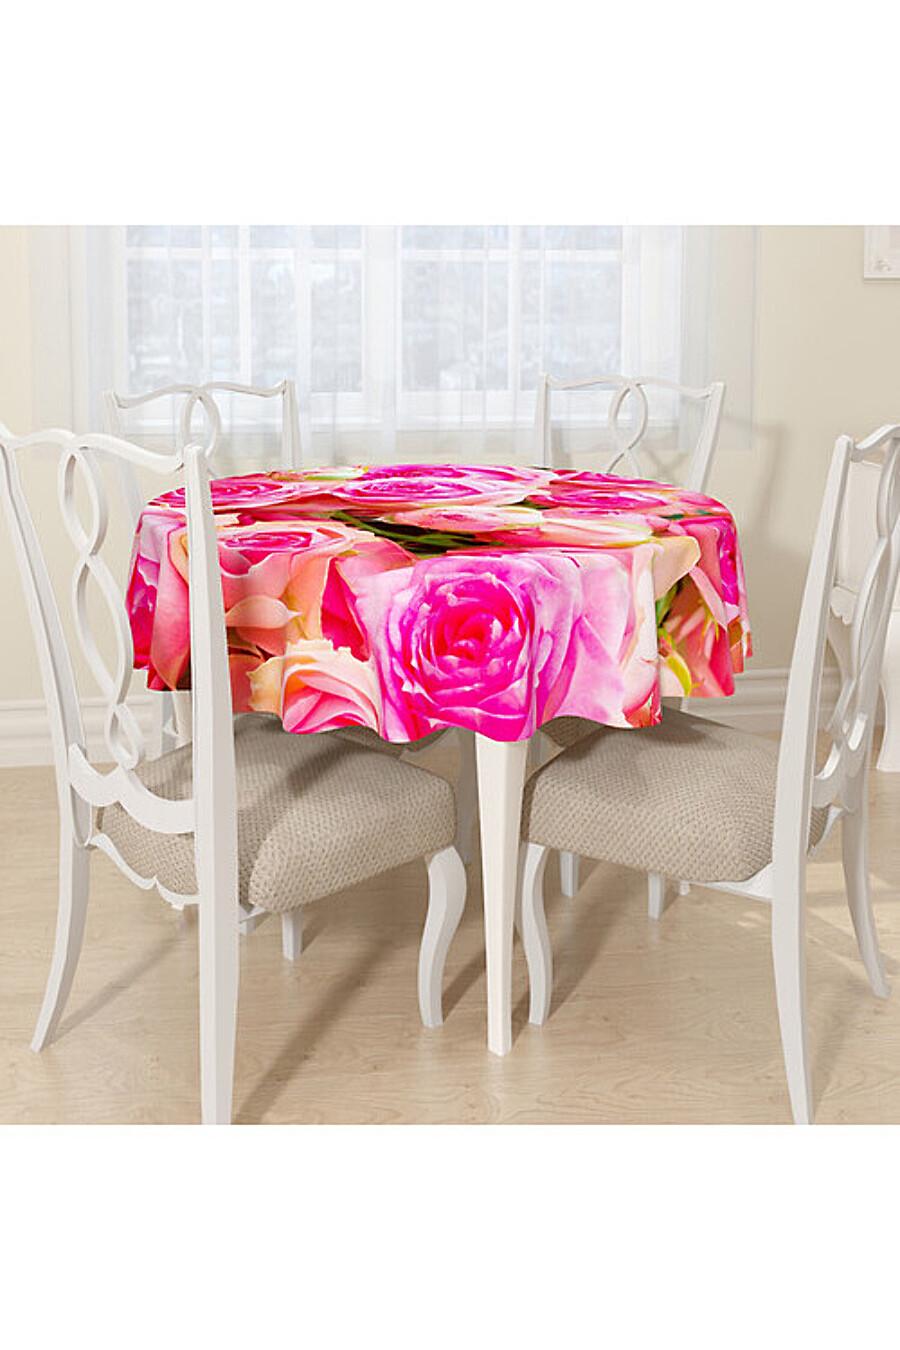 Скатерть для дома ART HOME TEXTILE 180512 купить оптом от производителя. Совместная покупка товаров для дома в OptMoyo